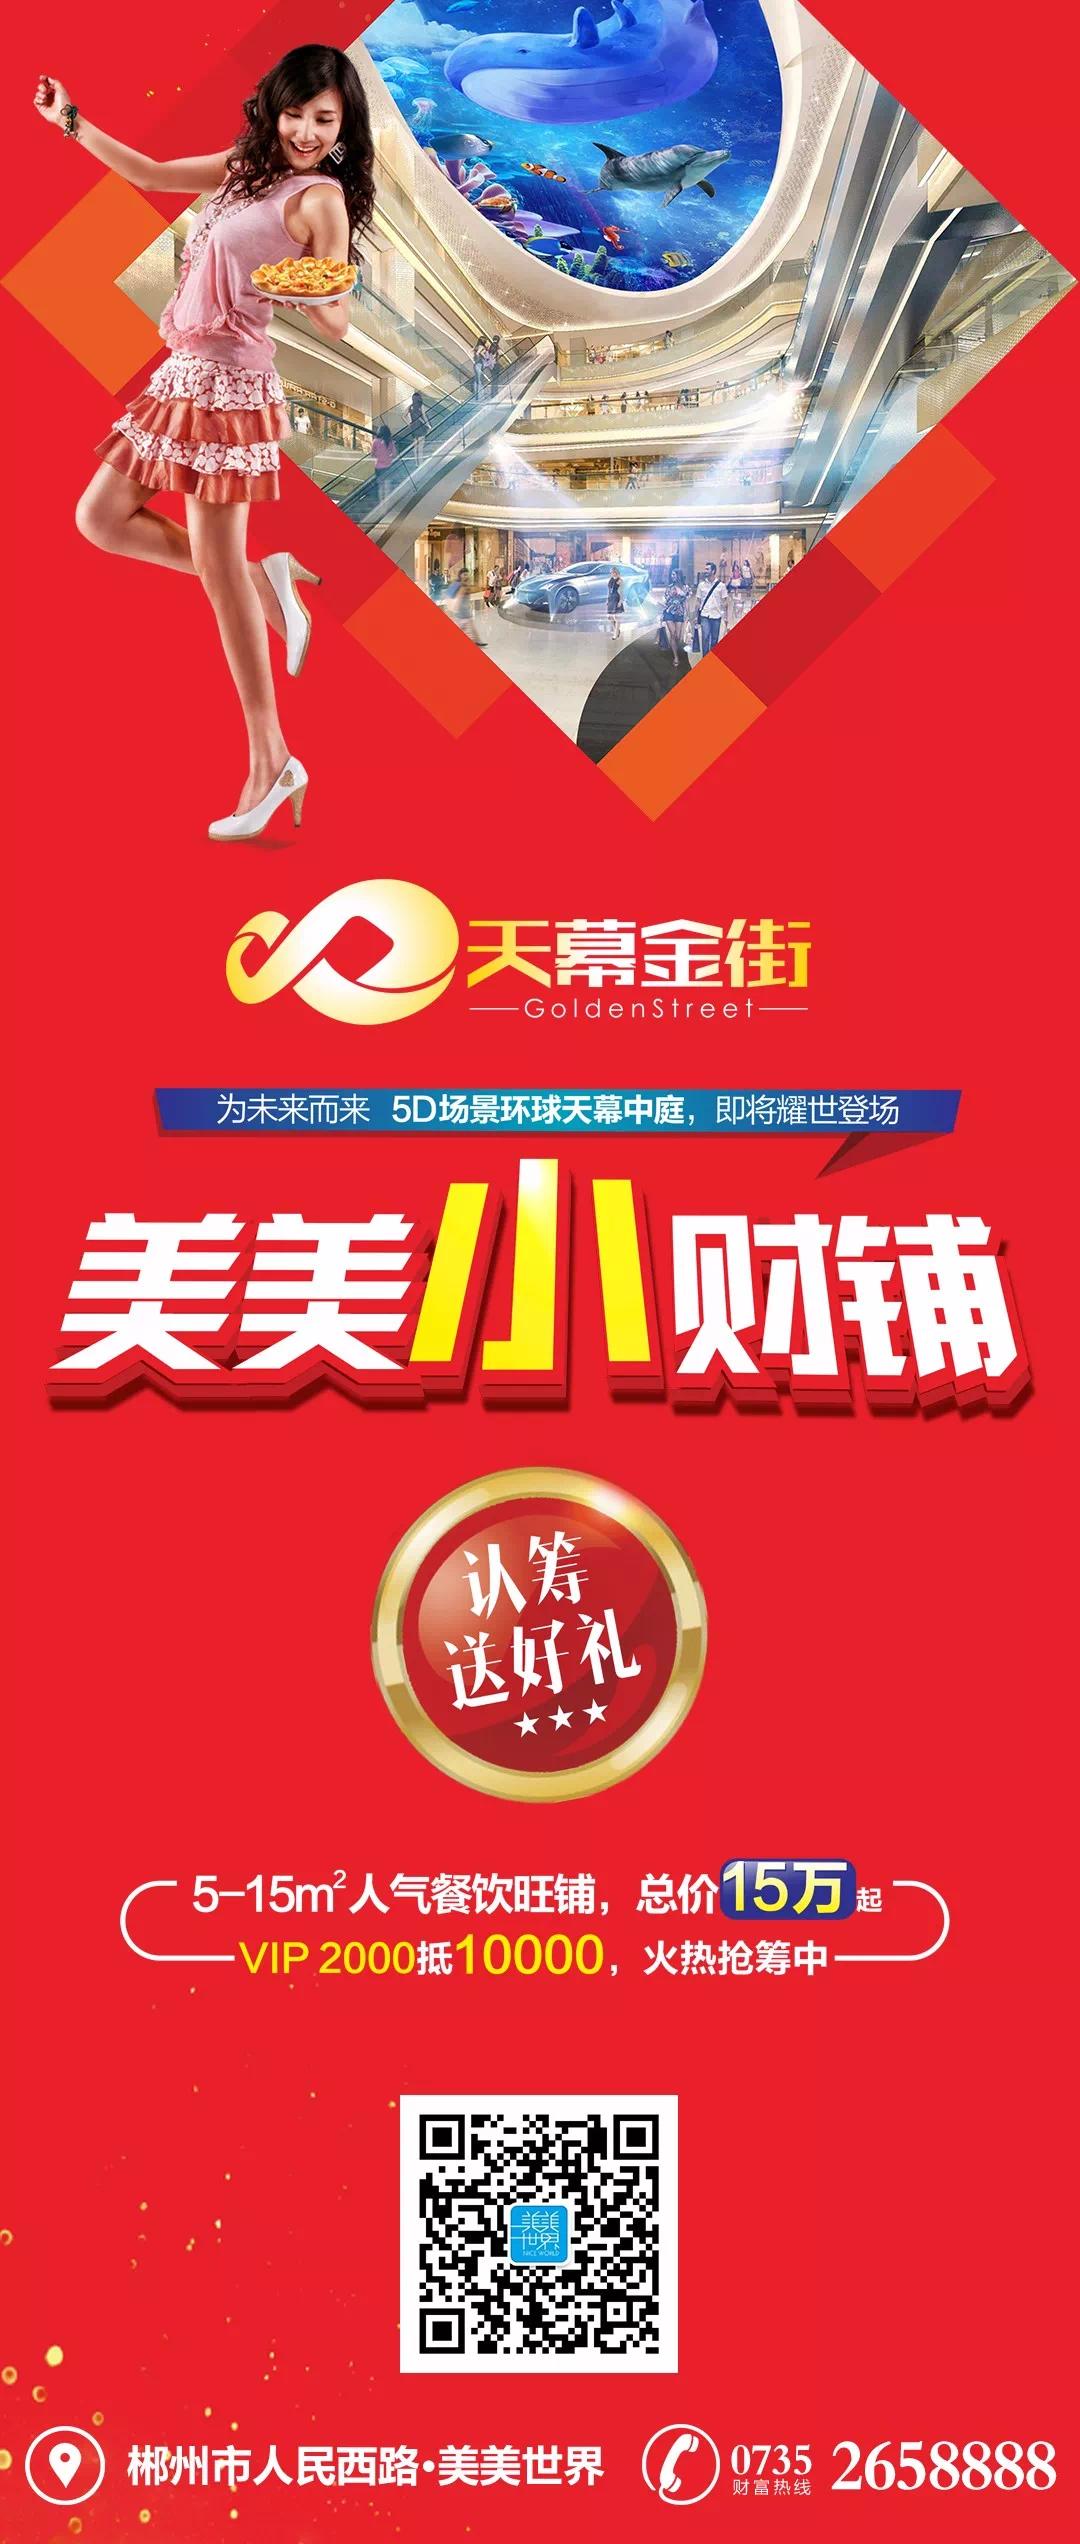 美美世界杯「2018中国新丝路模特大赛」郴州赛区美丽盛启